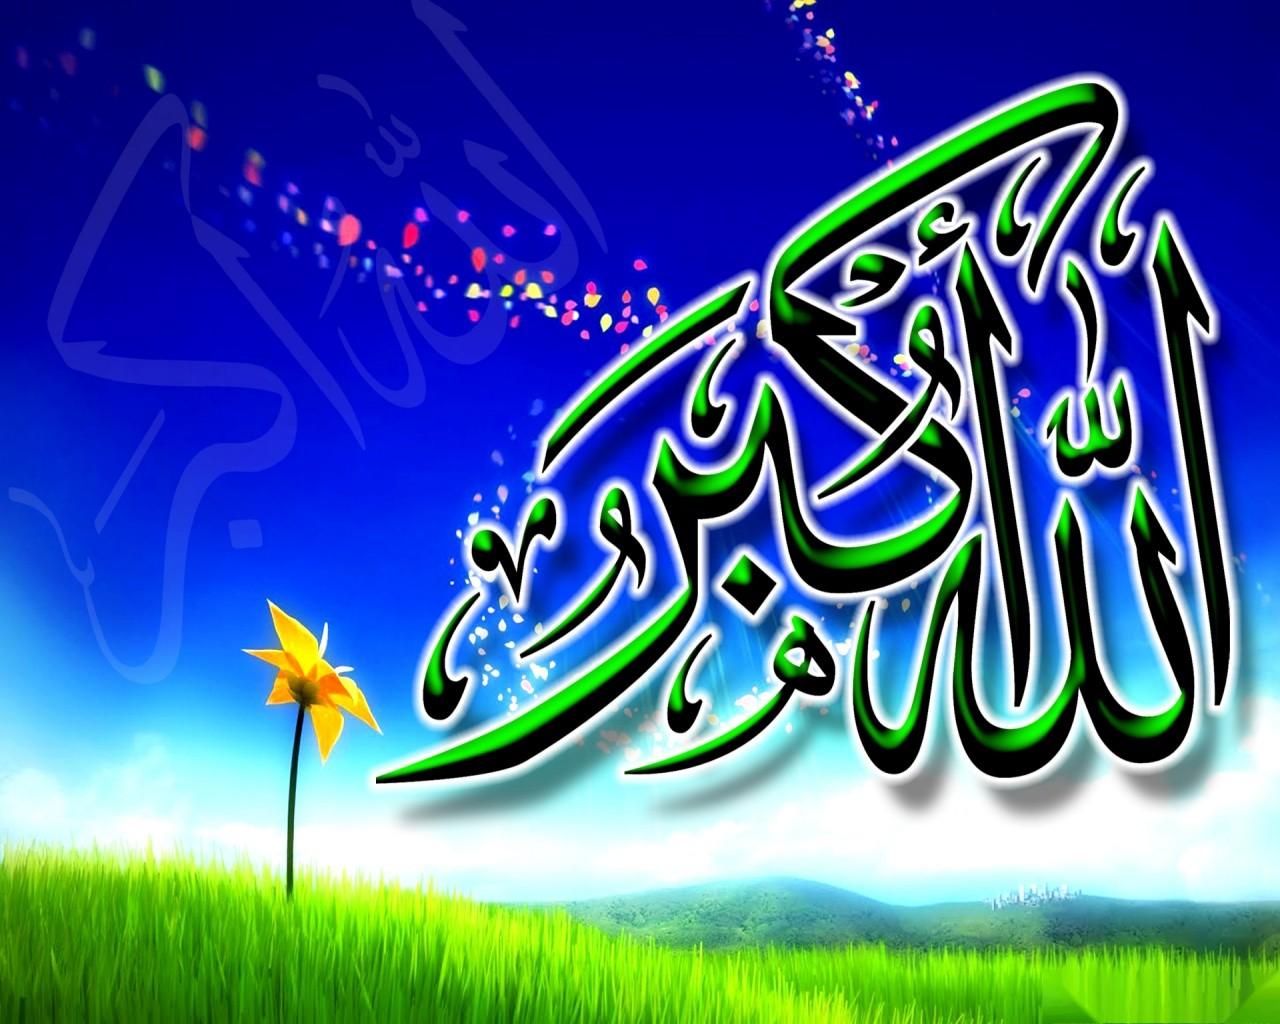 صوره صور اسلامية جميلة , خلفيات دينية للفيس بوك